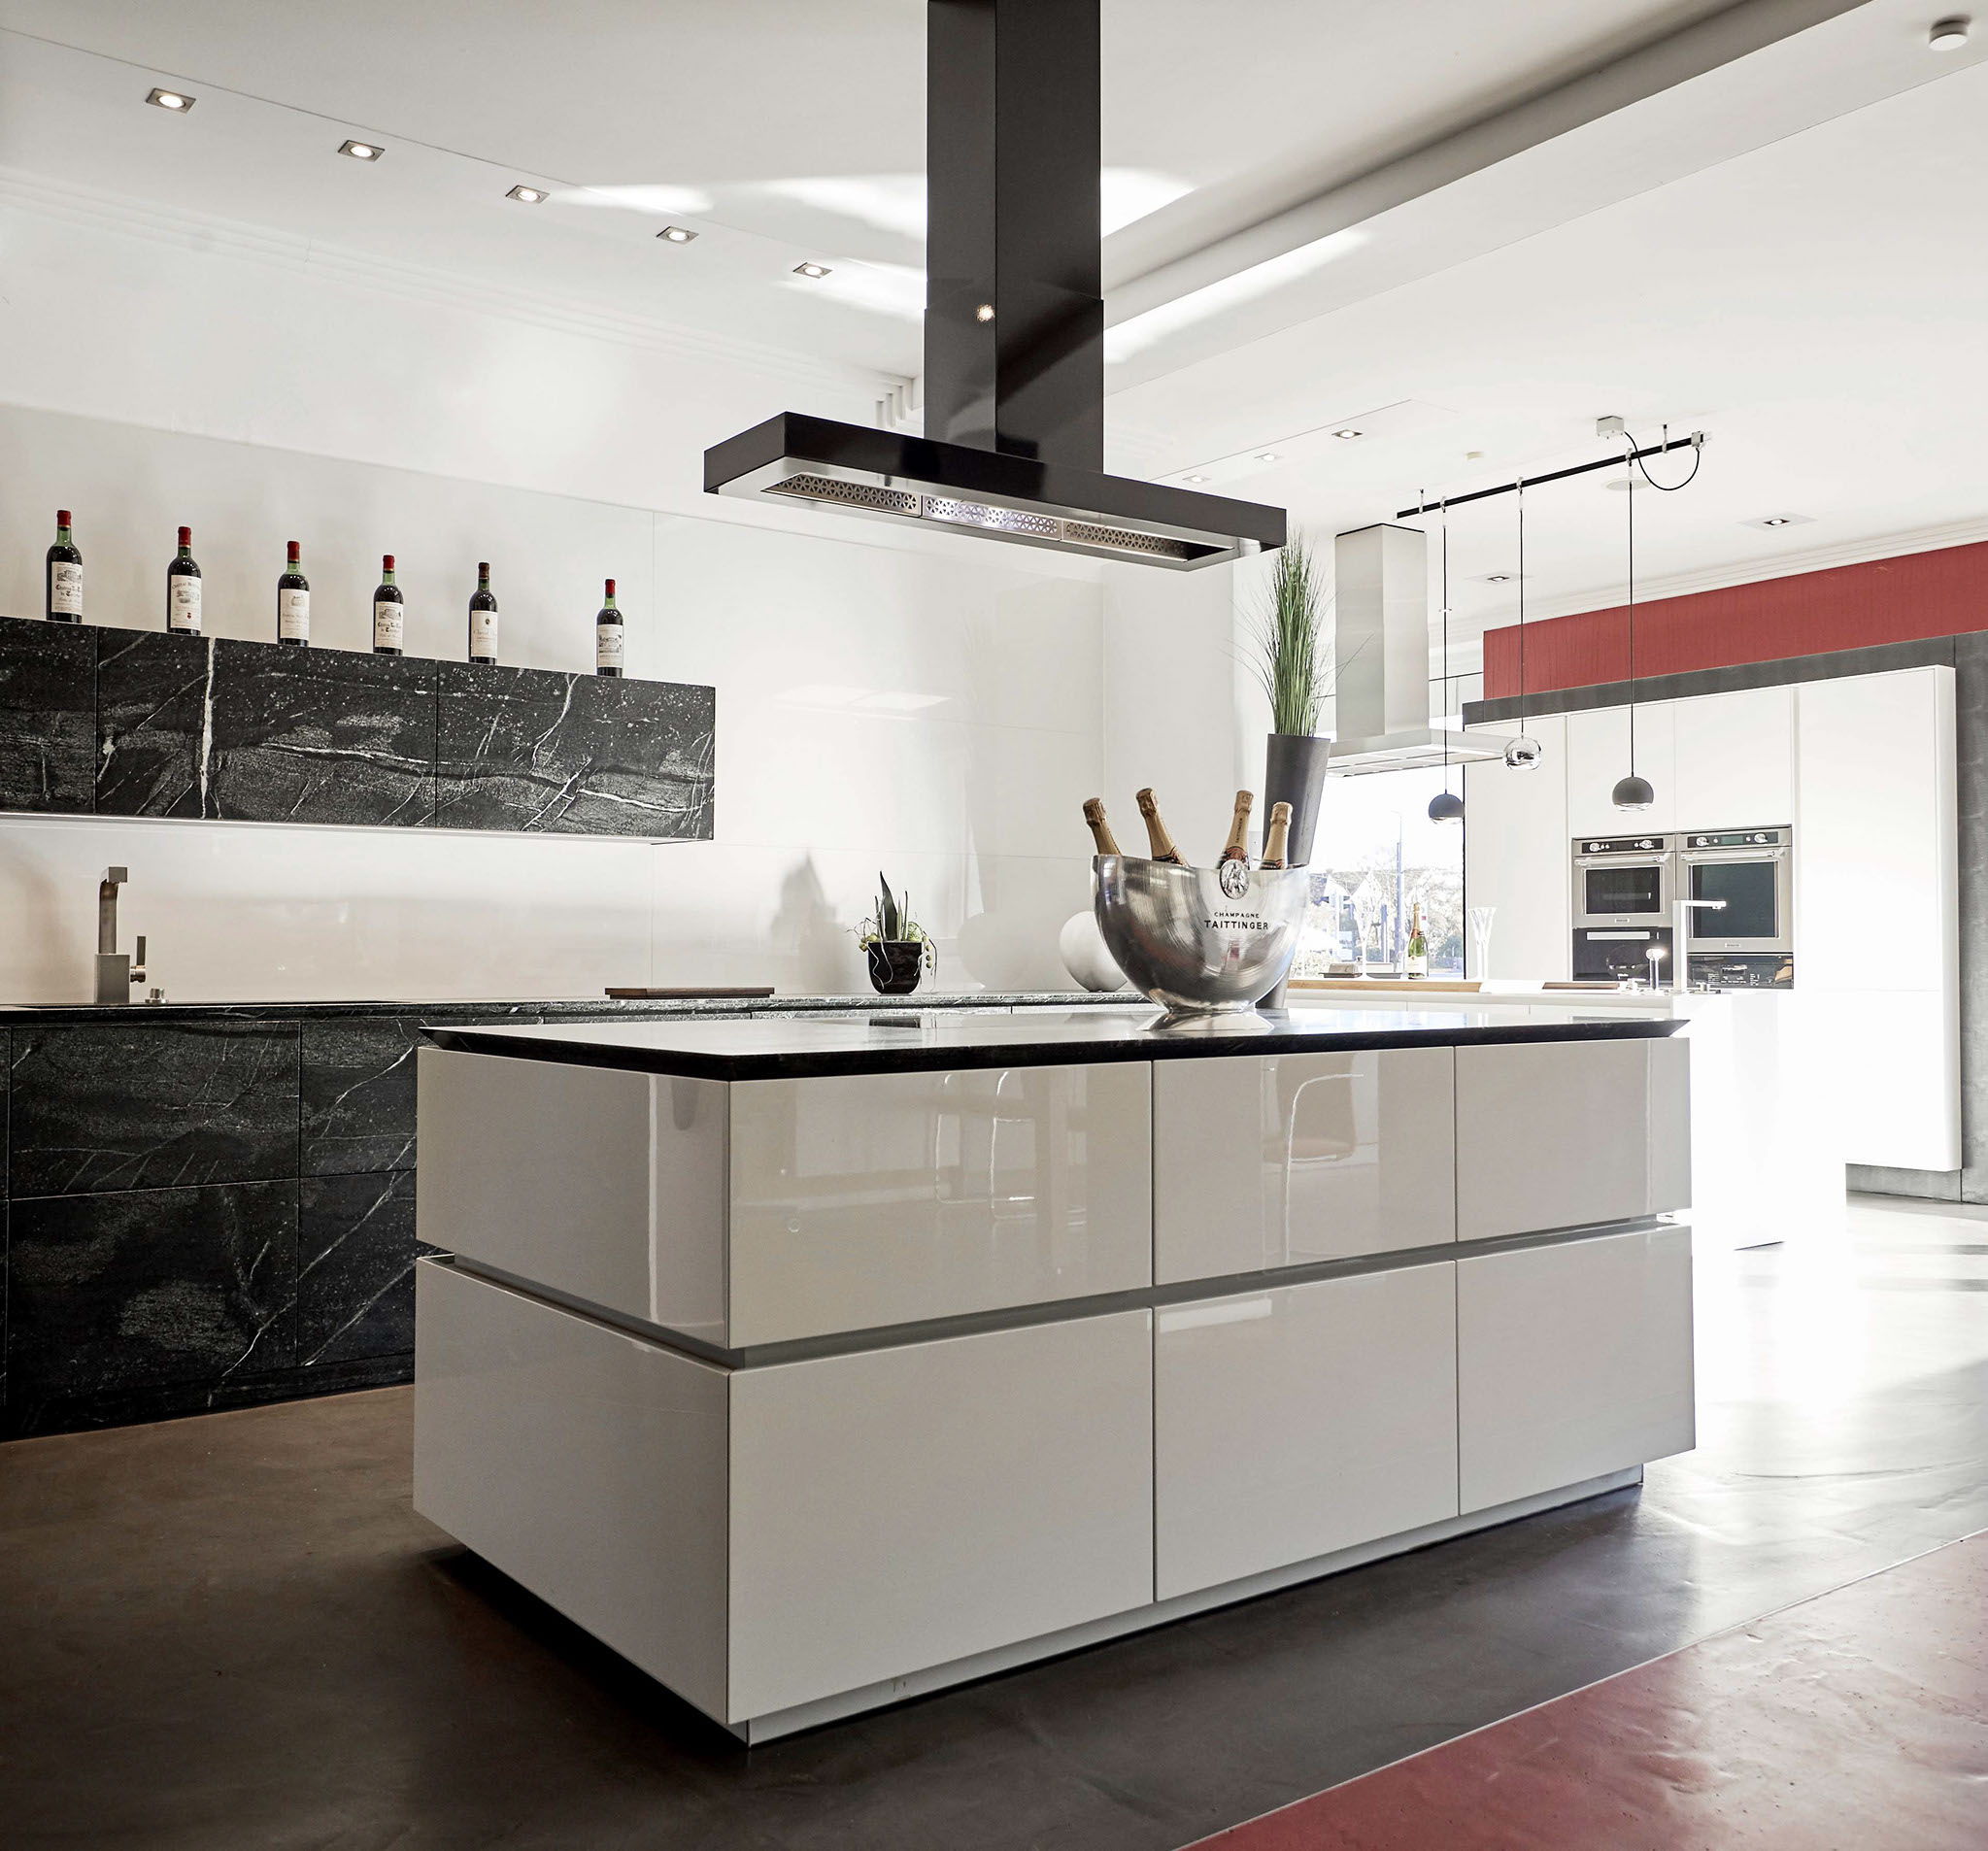 Küchenausstellung von Küchen & Kochen Schlockermann